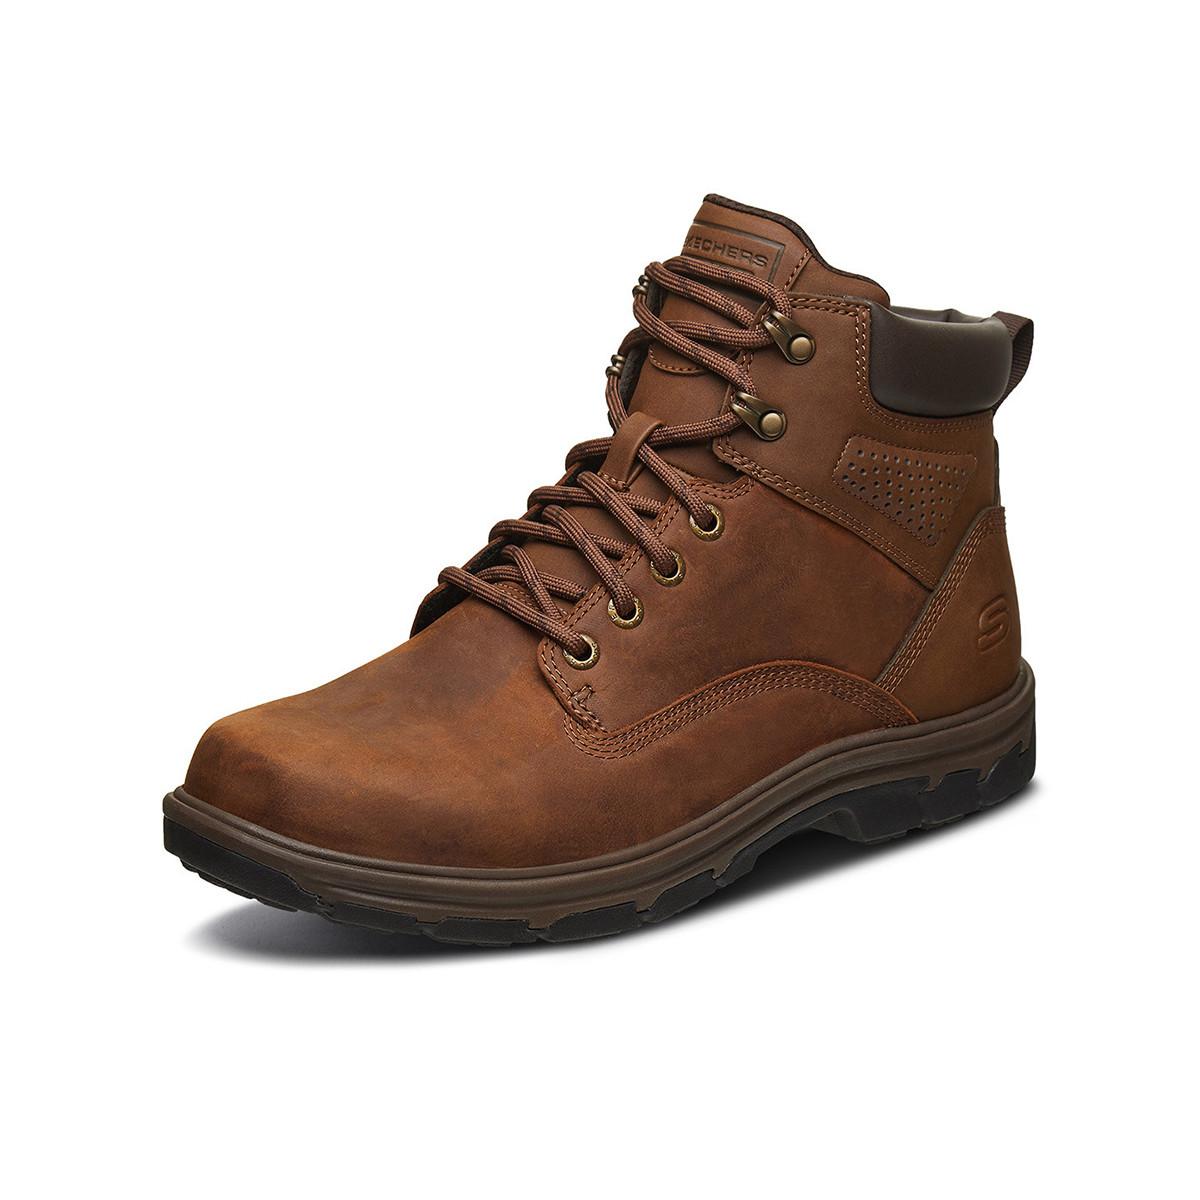 SKECHERS 斯凯奇 66156-CDB 男士中高帮工装靴